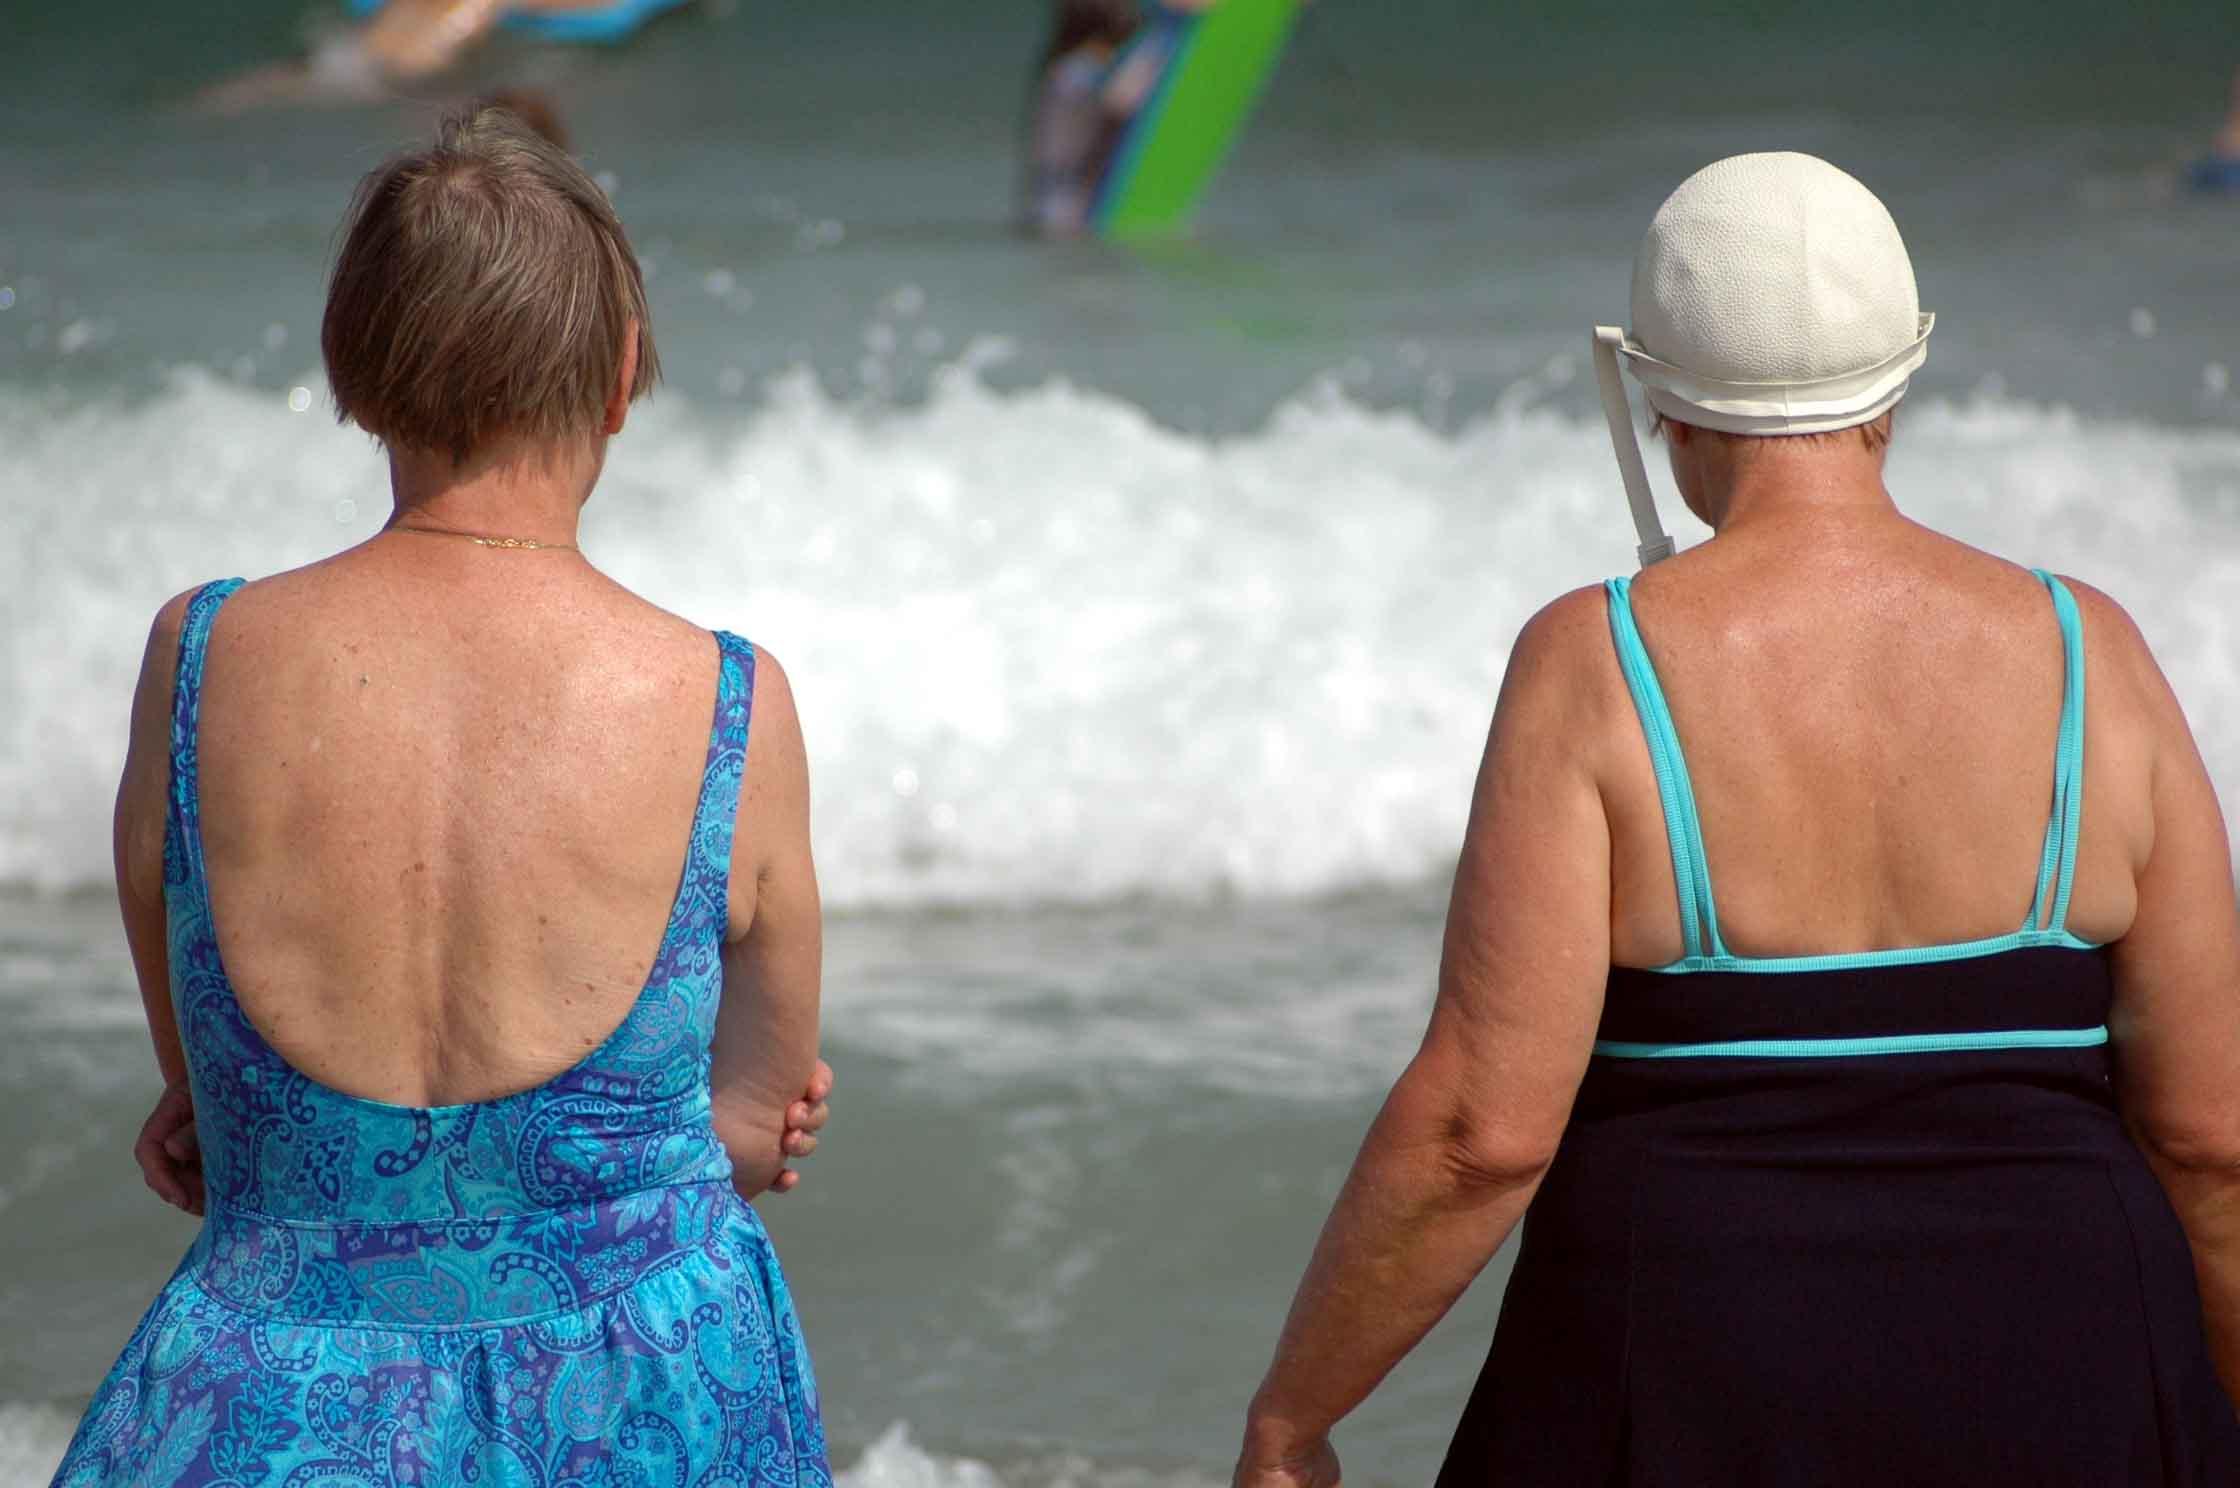 La gravedad de COVID-19 aumenta en pacientes con obesidad leve